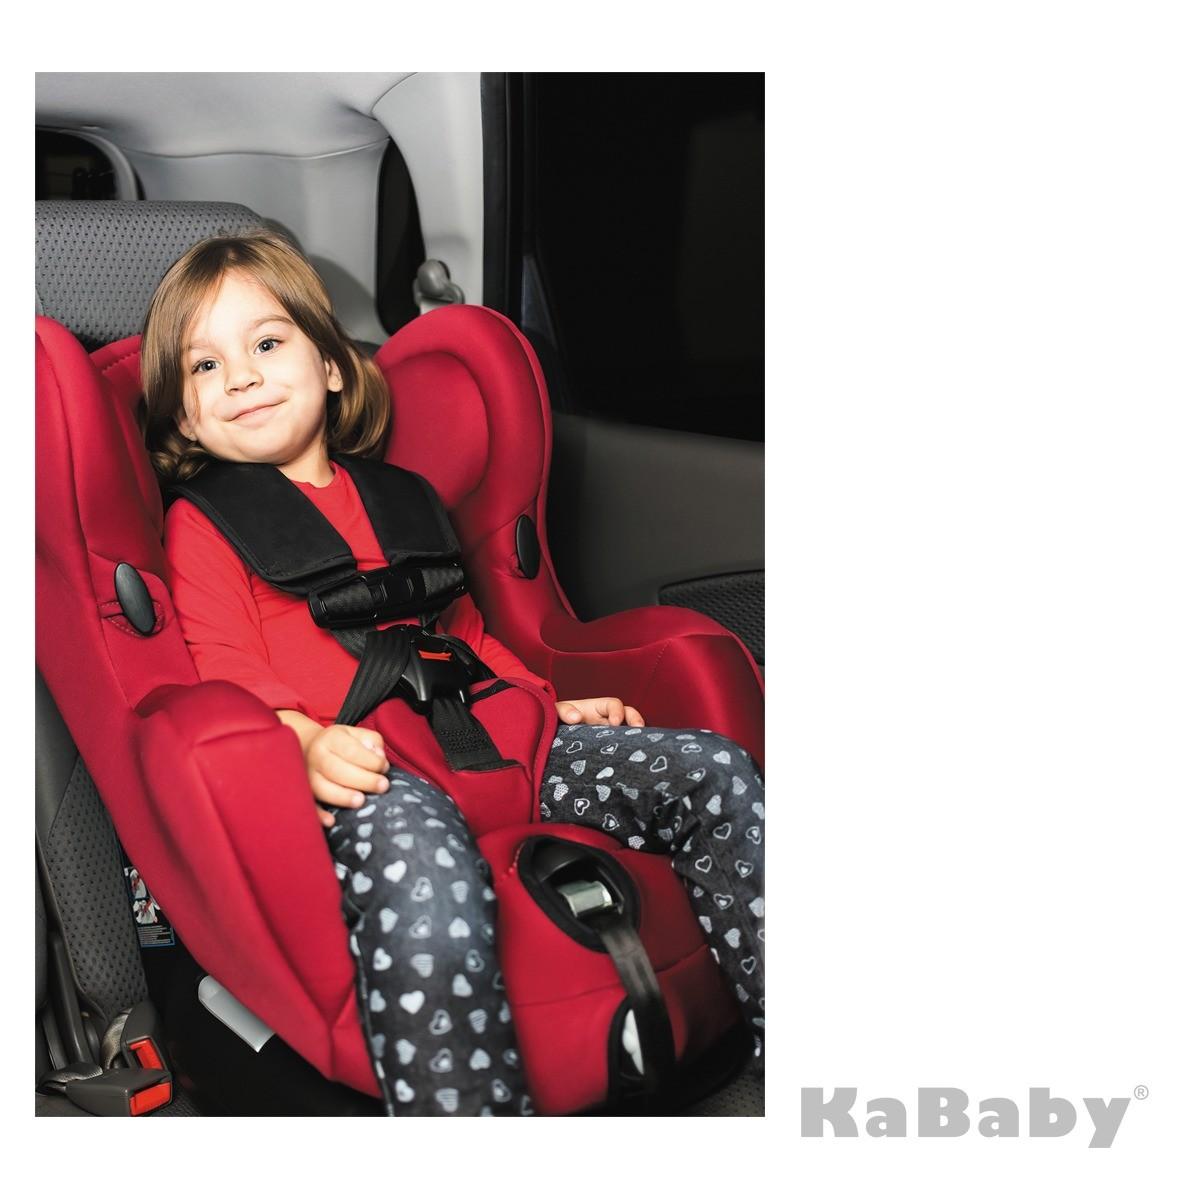 Trava para Cinto de Segurança - Kababy